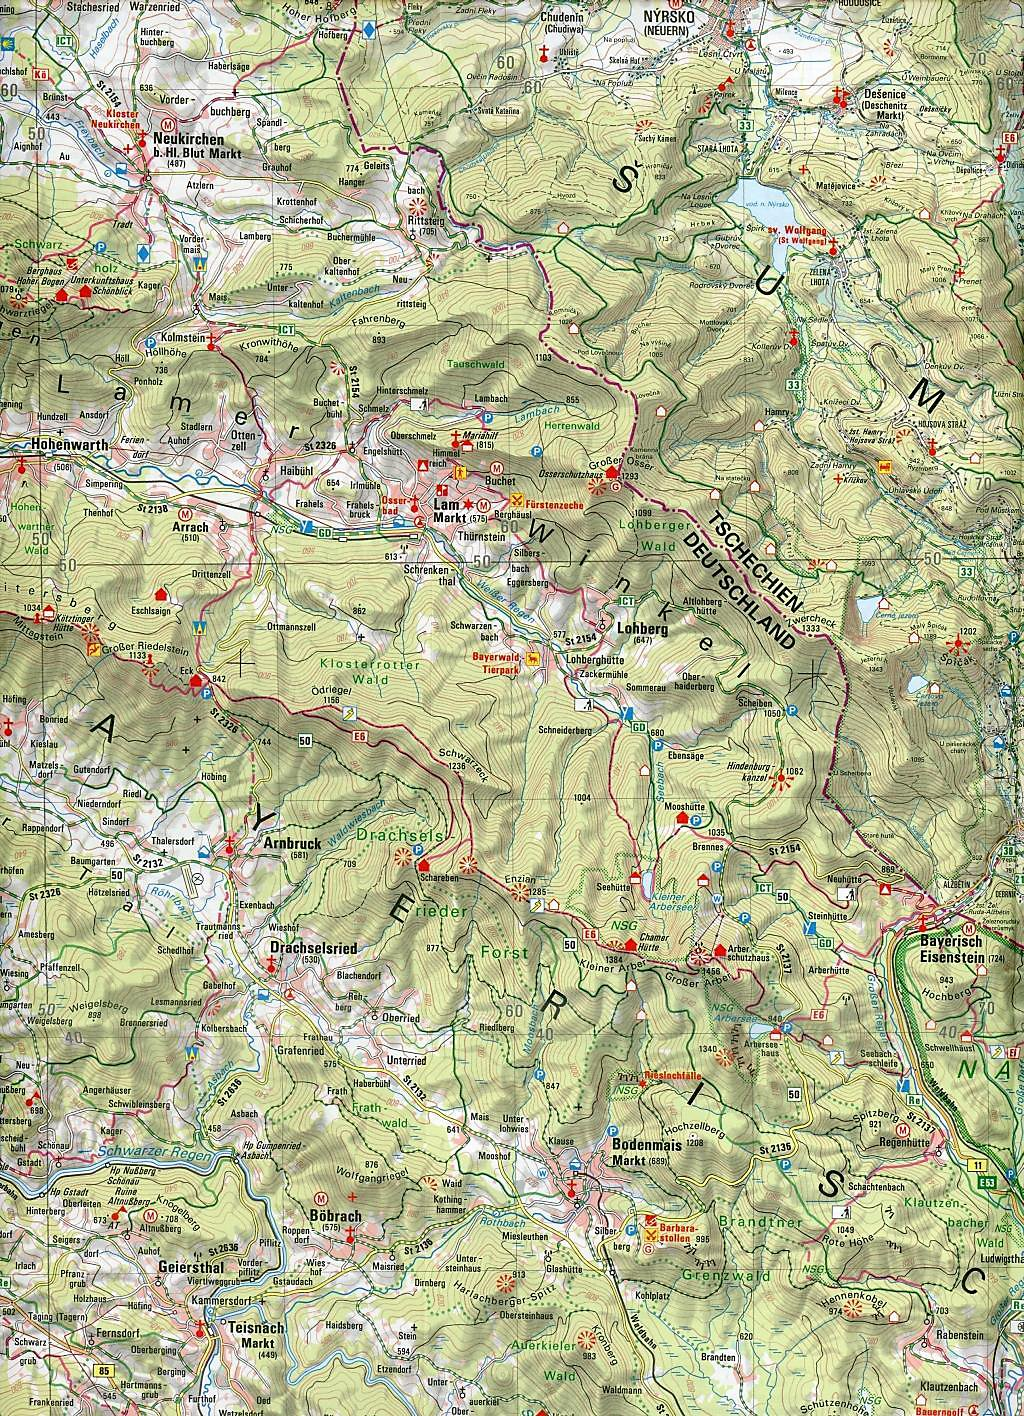 Topographische Karte Bayern.Amtliche Topographische Karte Bayern Bayerischer Wald Buch Kaufen